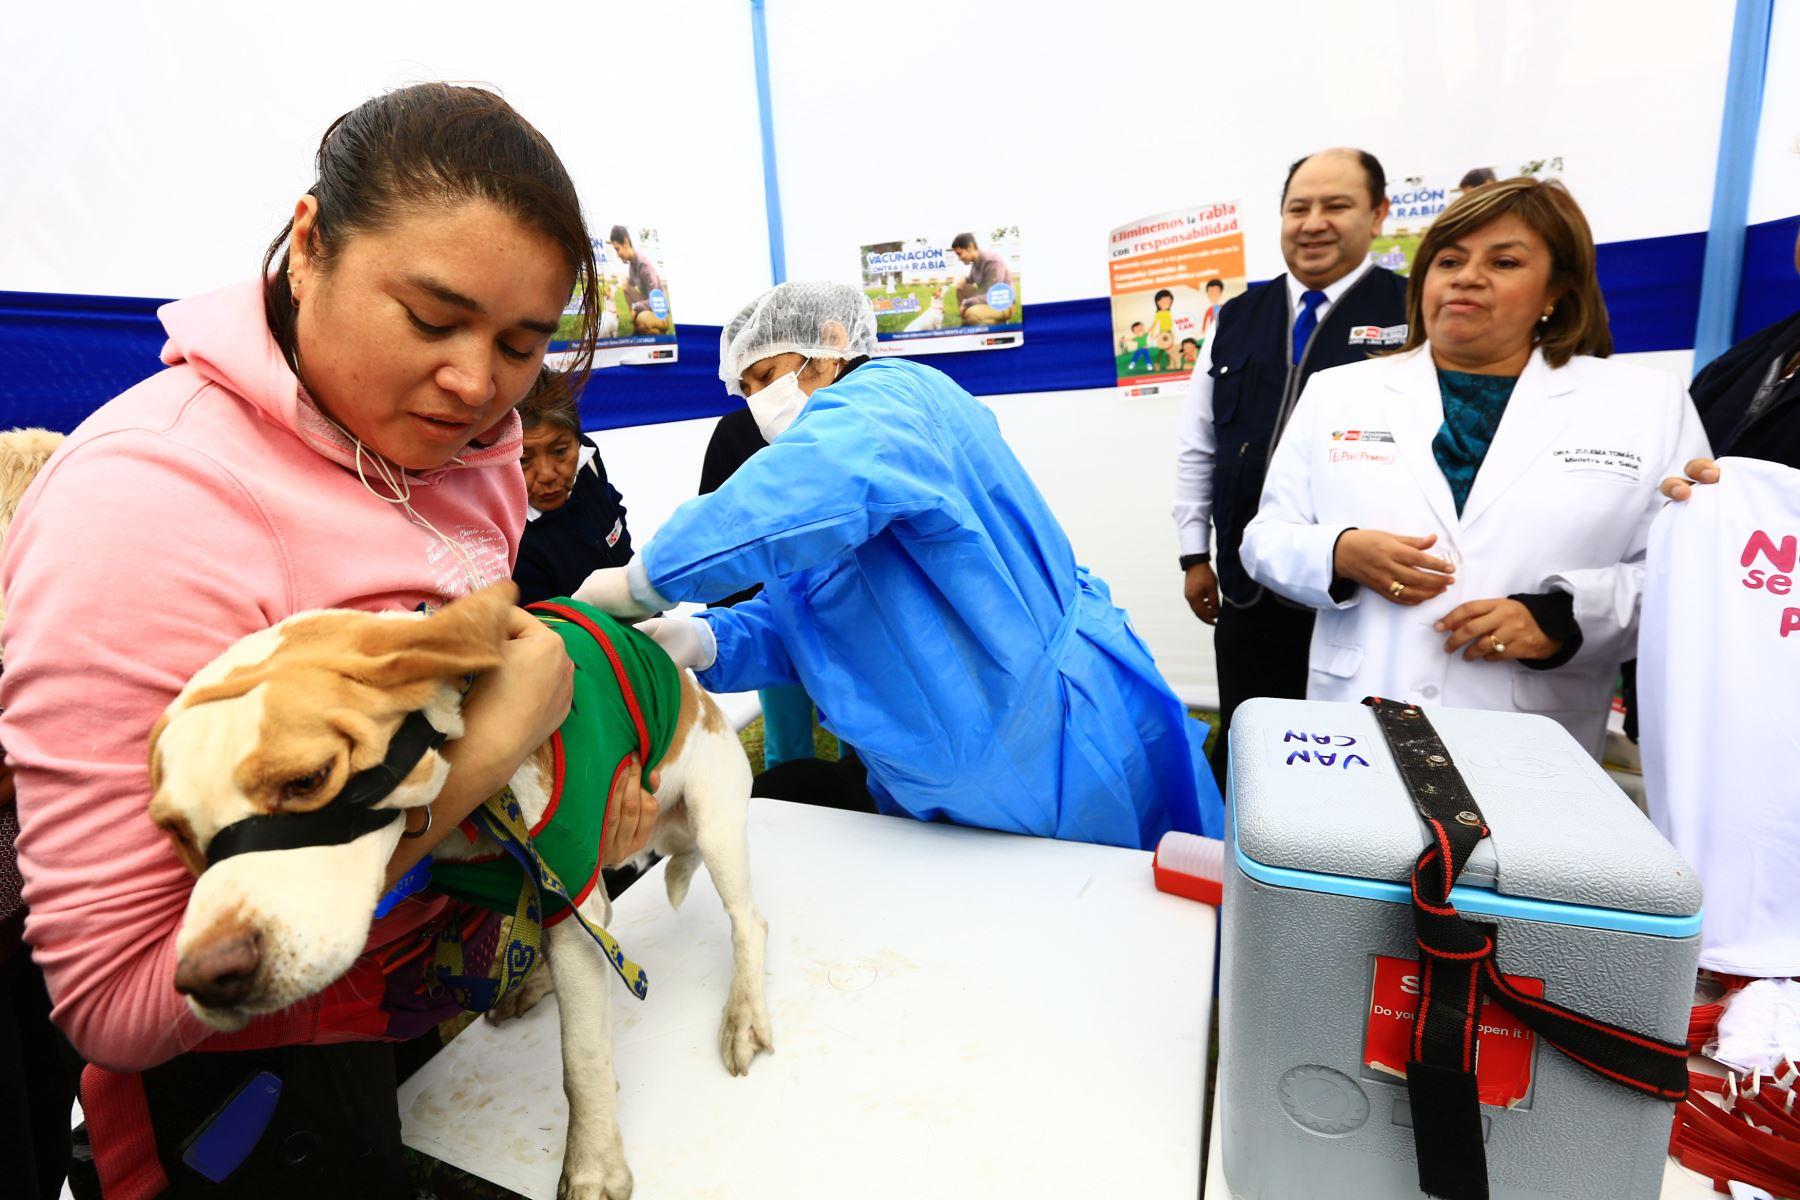 El Ministerio de Salud (Minsa) inmuniza gratuitamente contra la rabia a más de un millón de canes en la Campaña Antirrábica de Vacunación Canina VAN CAN 2019. Foto: ANDINA/ Pedro Cárdenas